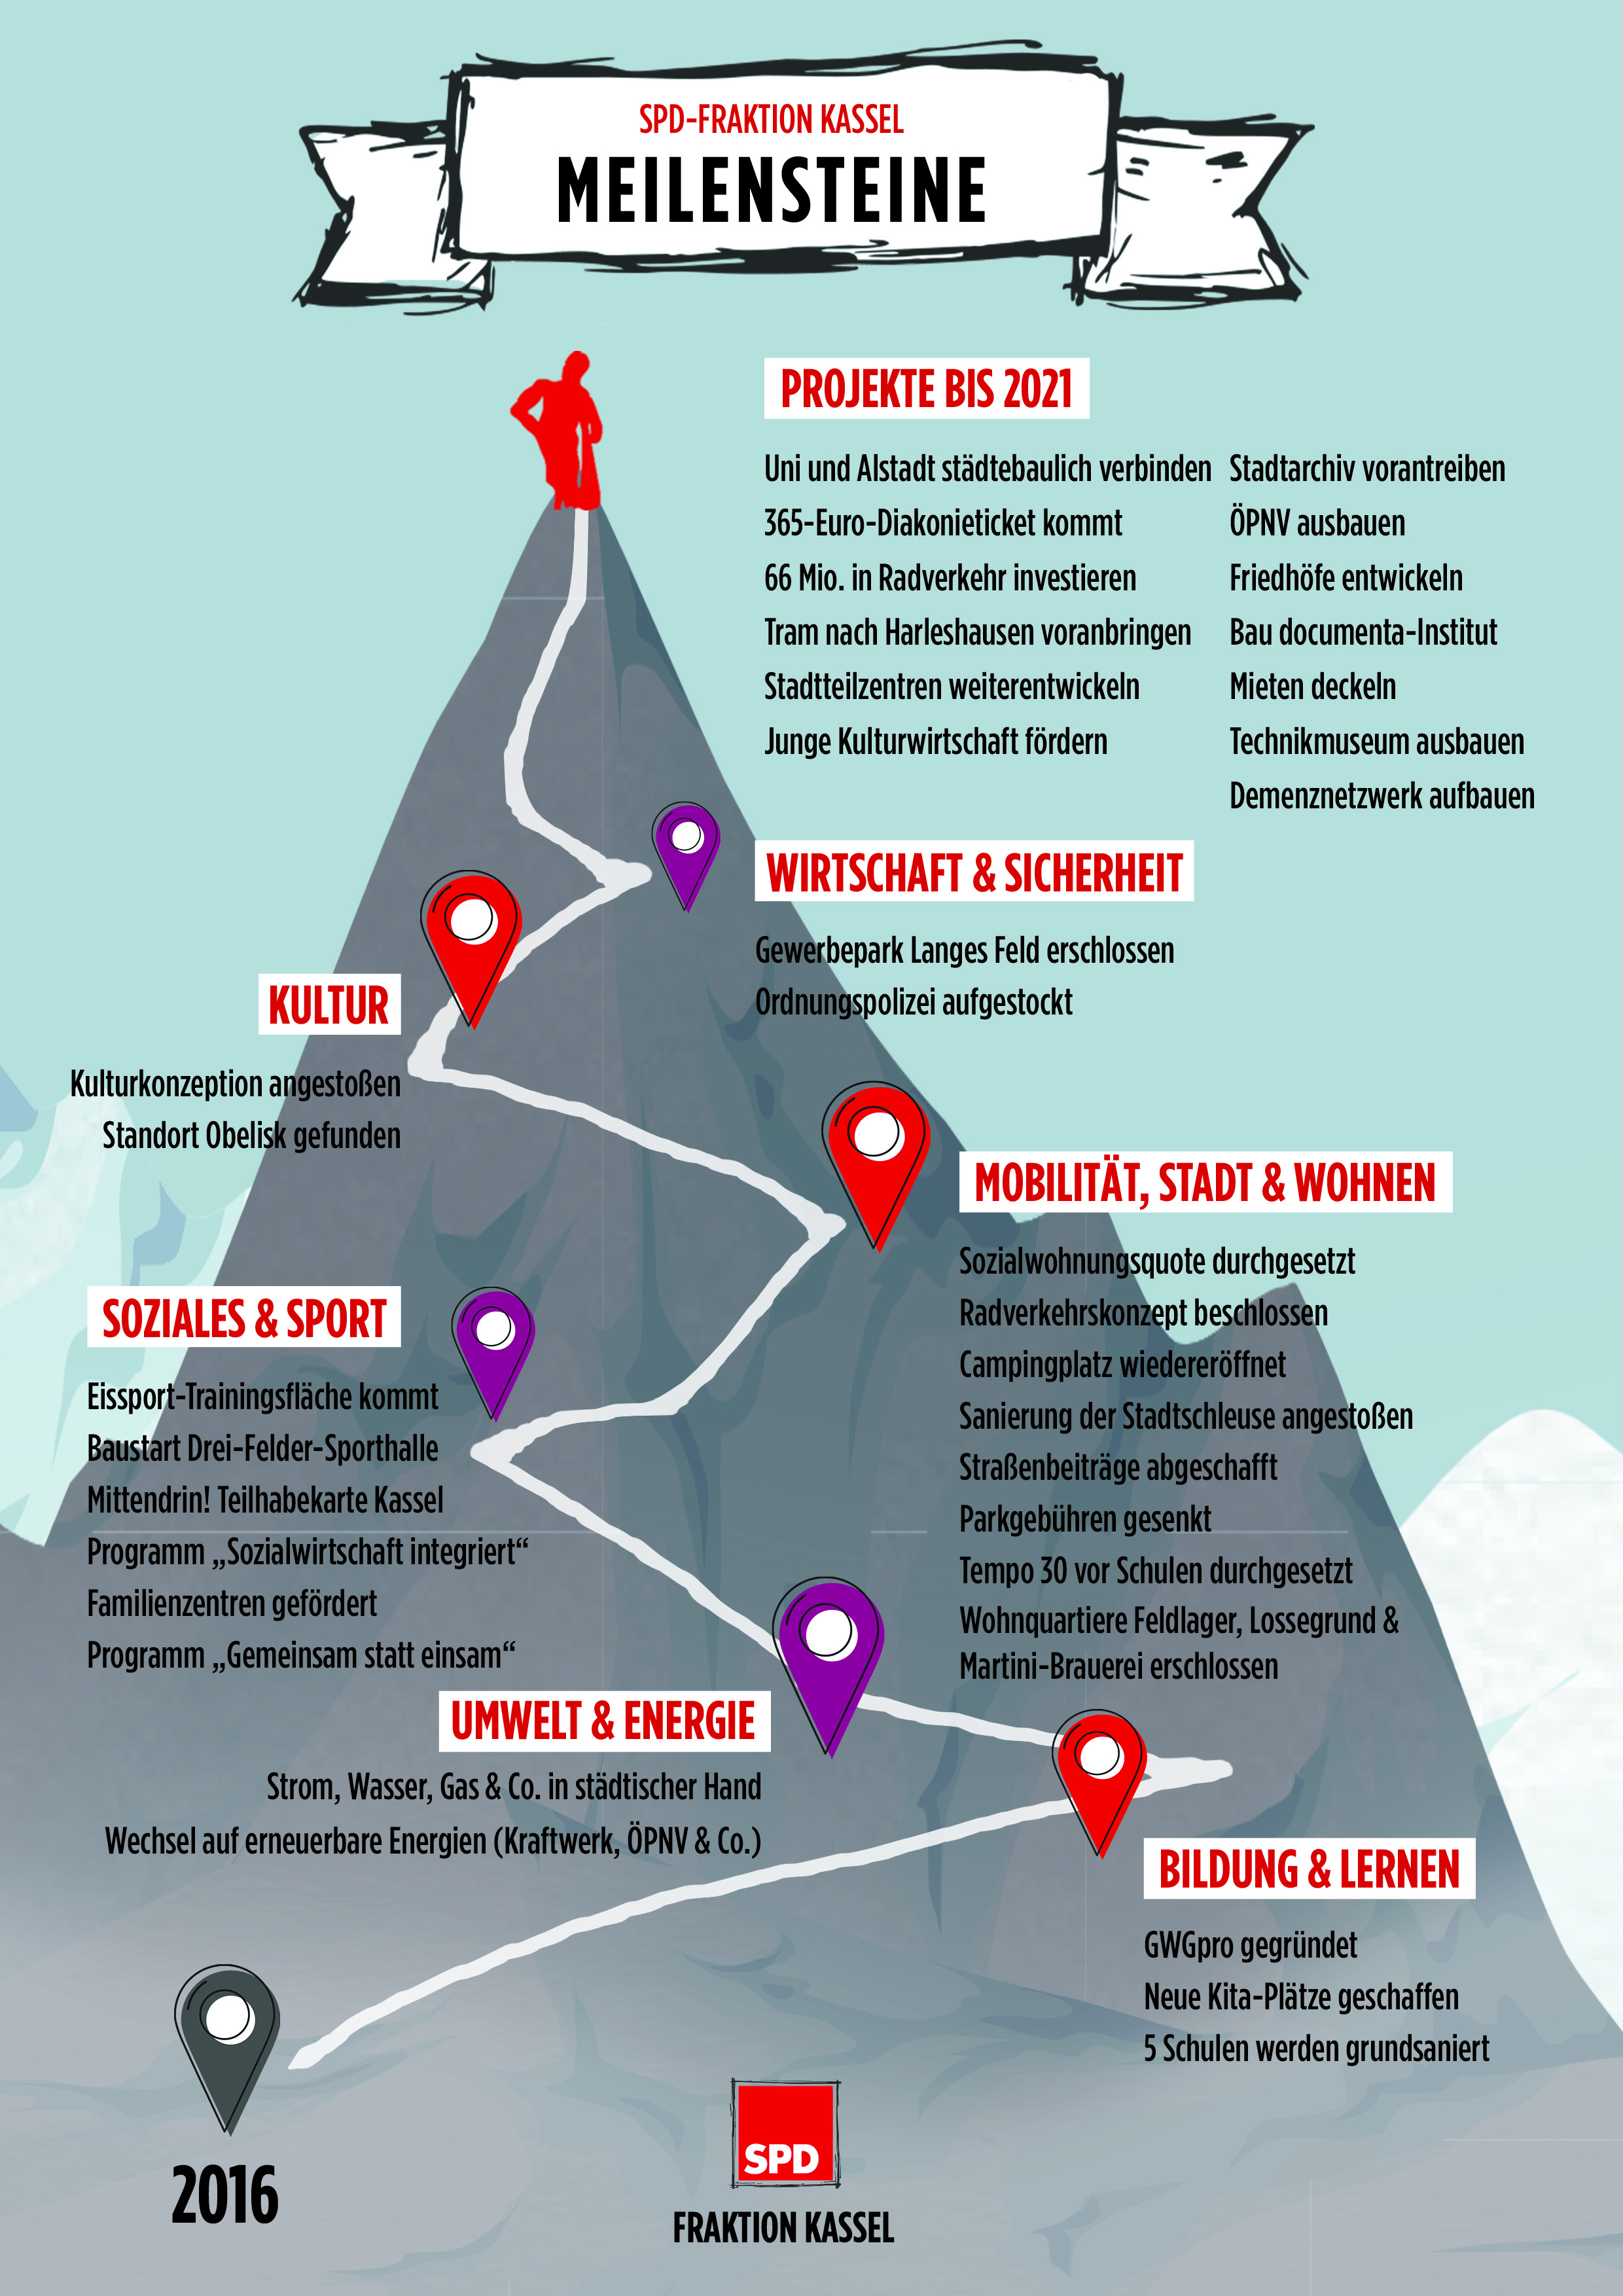 Grafik mit den kommunalen Erfolgen der SPD-Fraktion Kassel